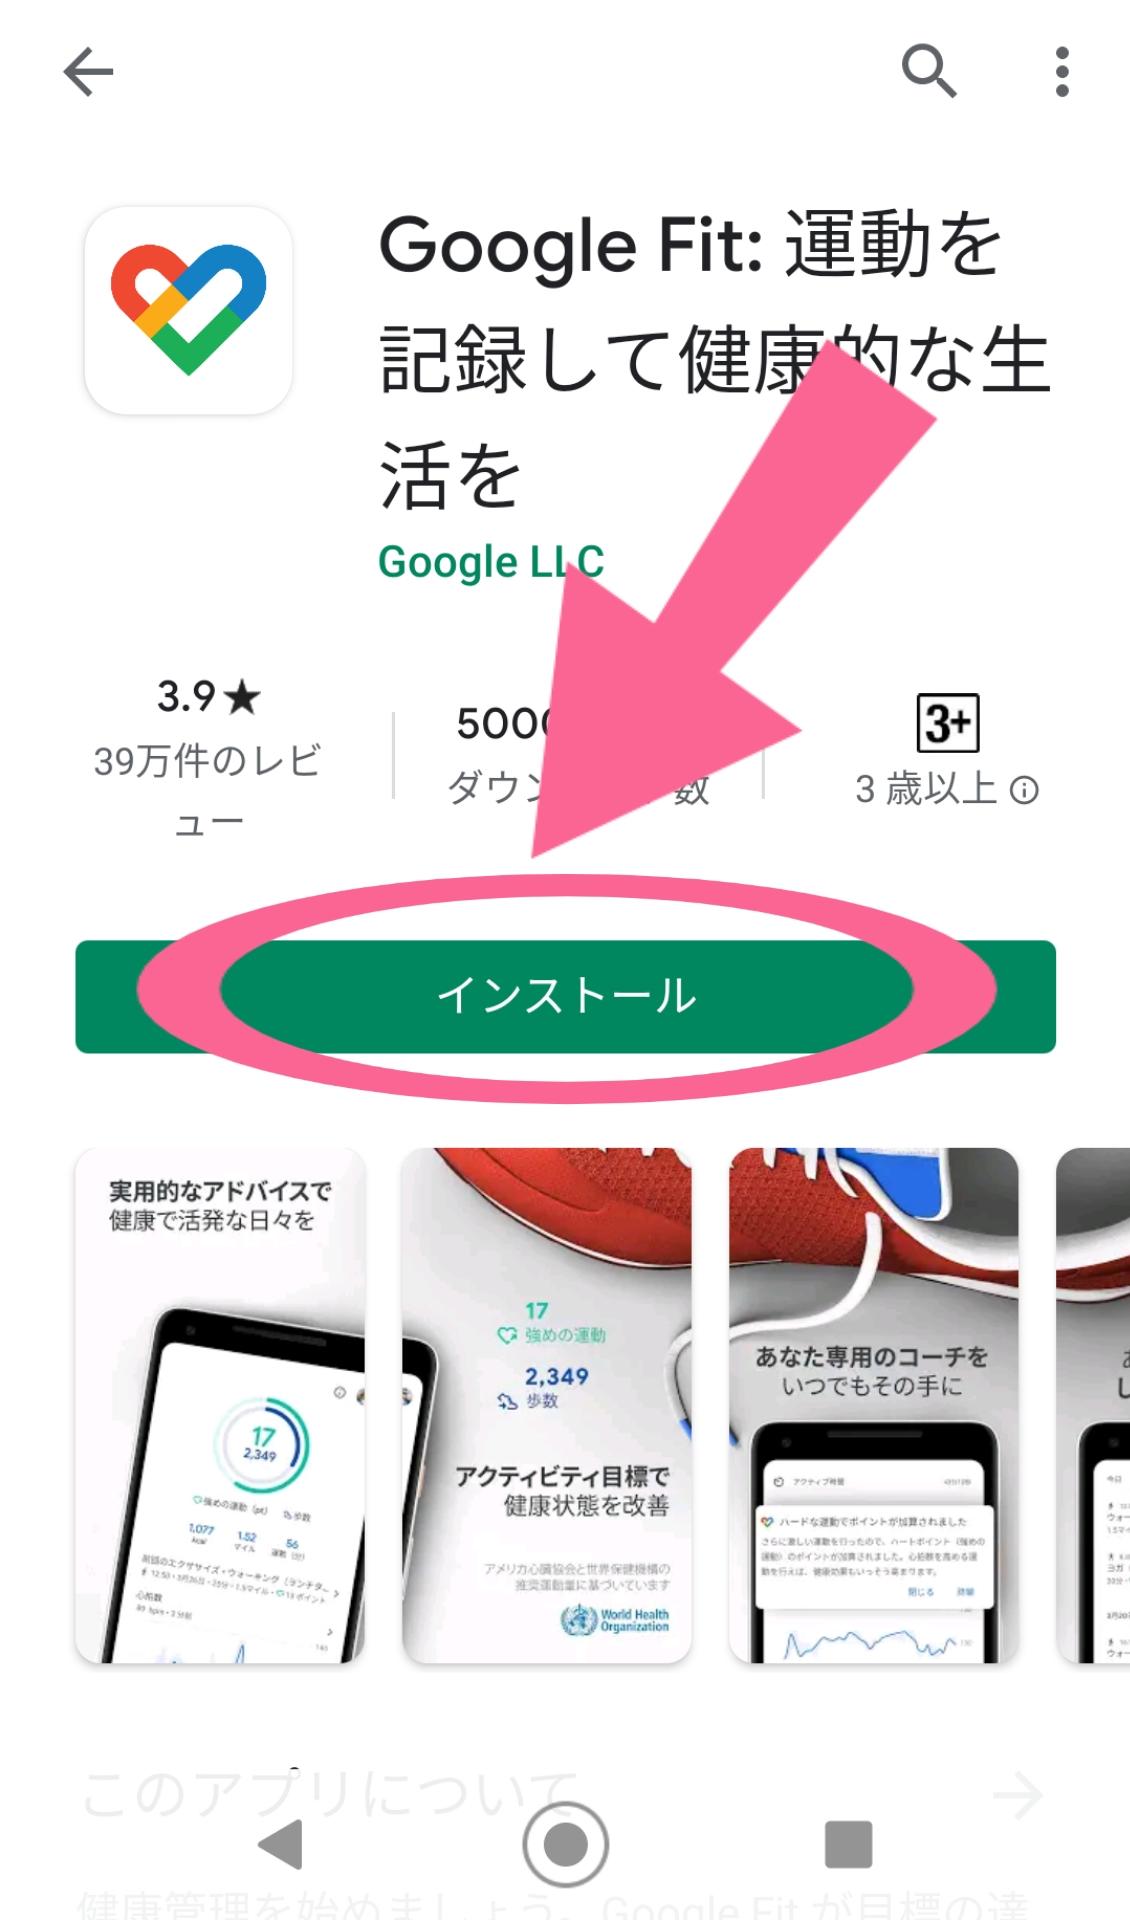 Google Fit 検索 インストール